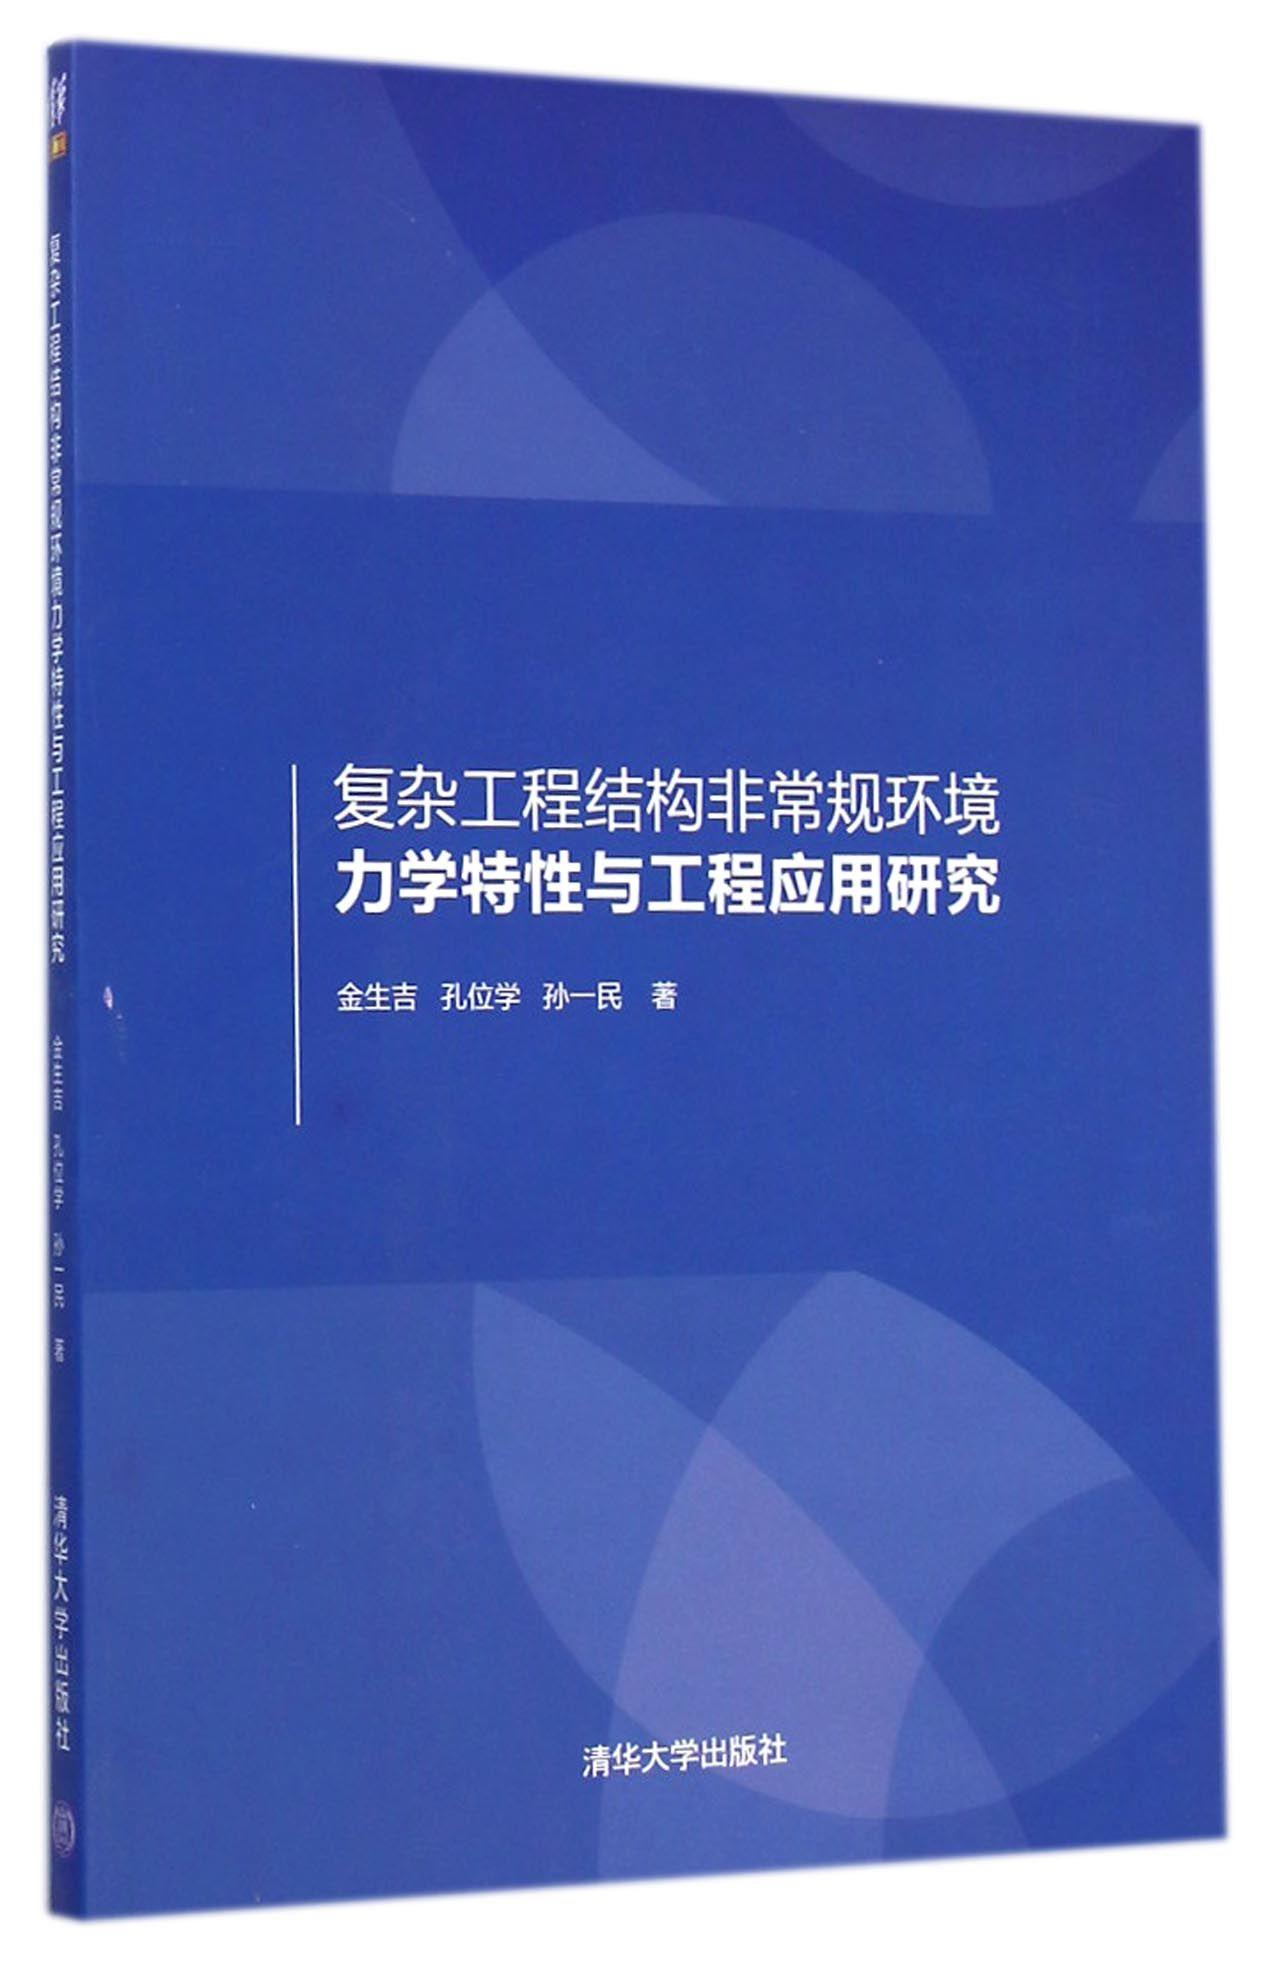 复杂工程结构非常规环境力学特性与工程应用研究-云书